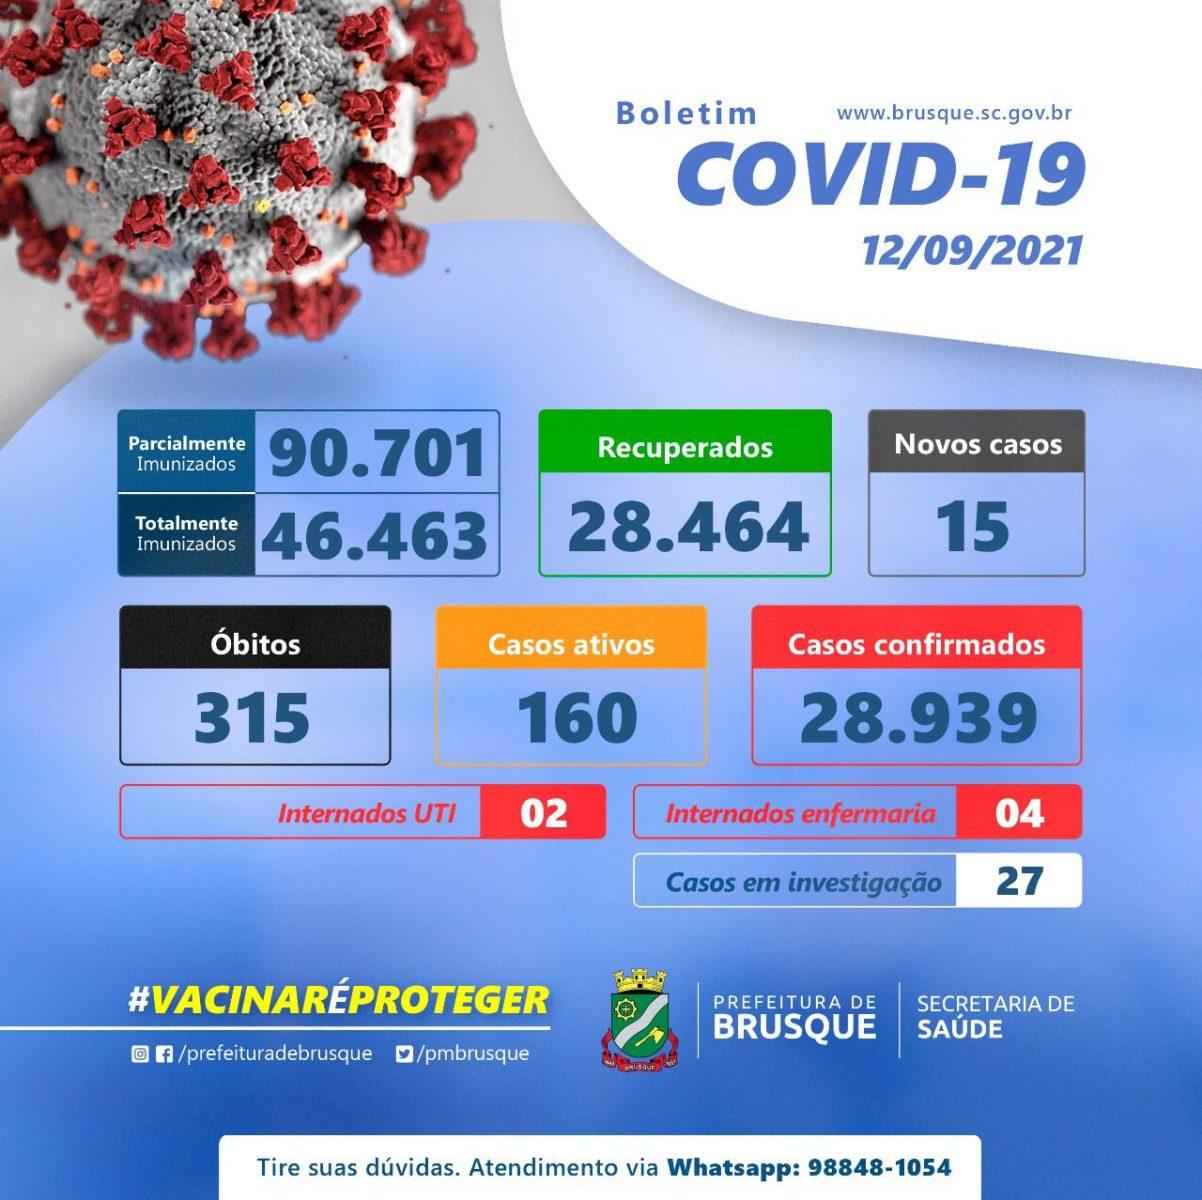 Covid-19: Confira os números da doença nas últimas 24 horas